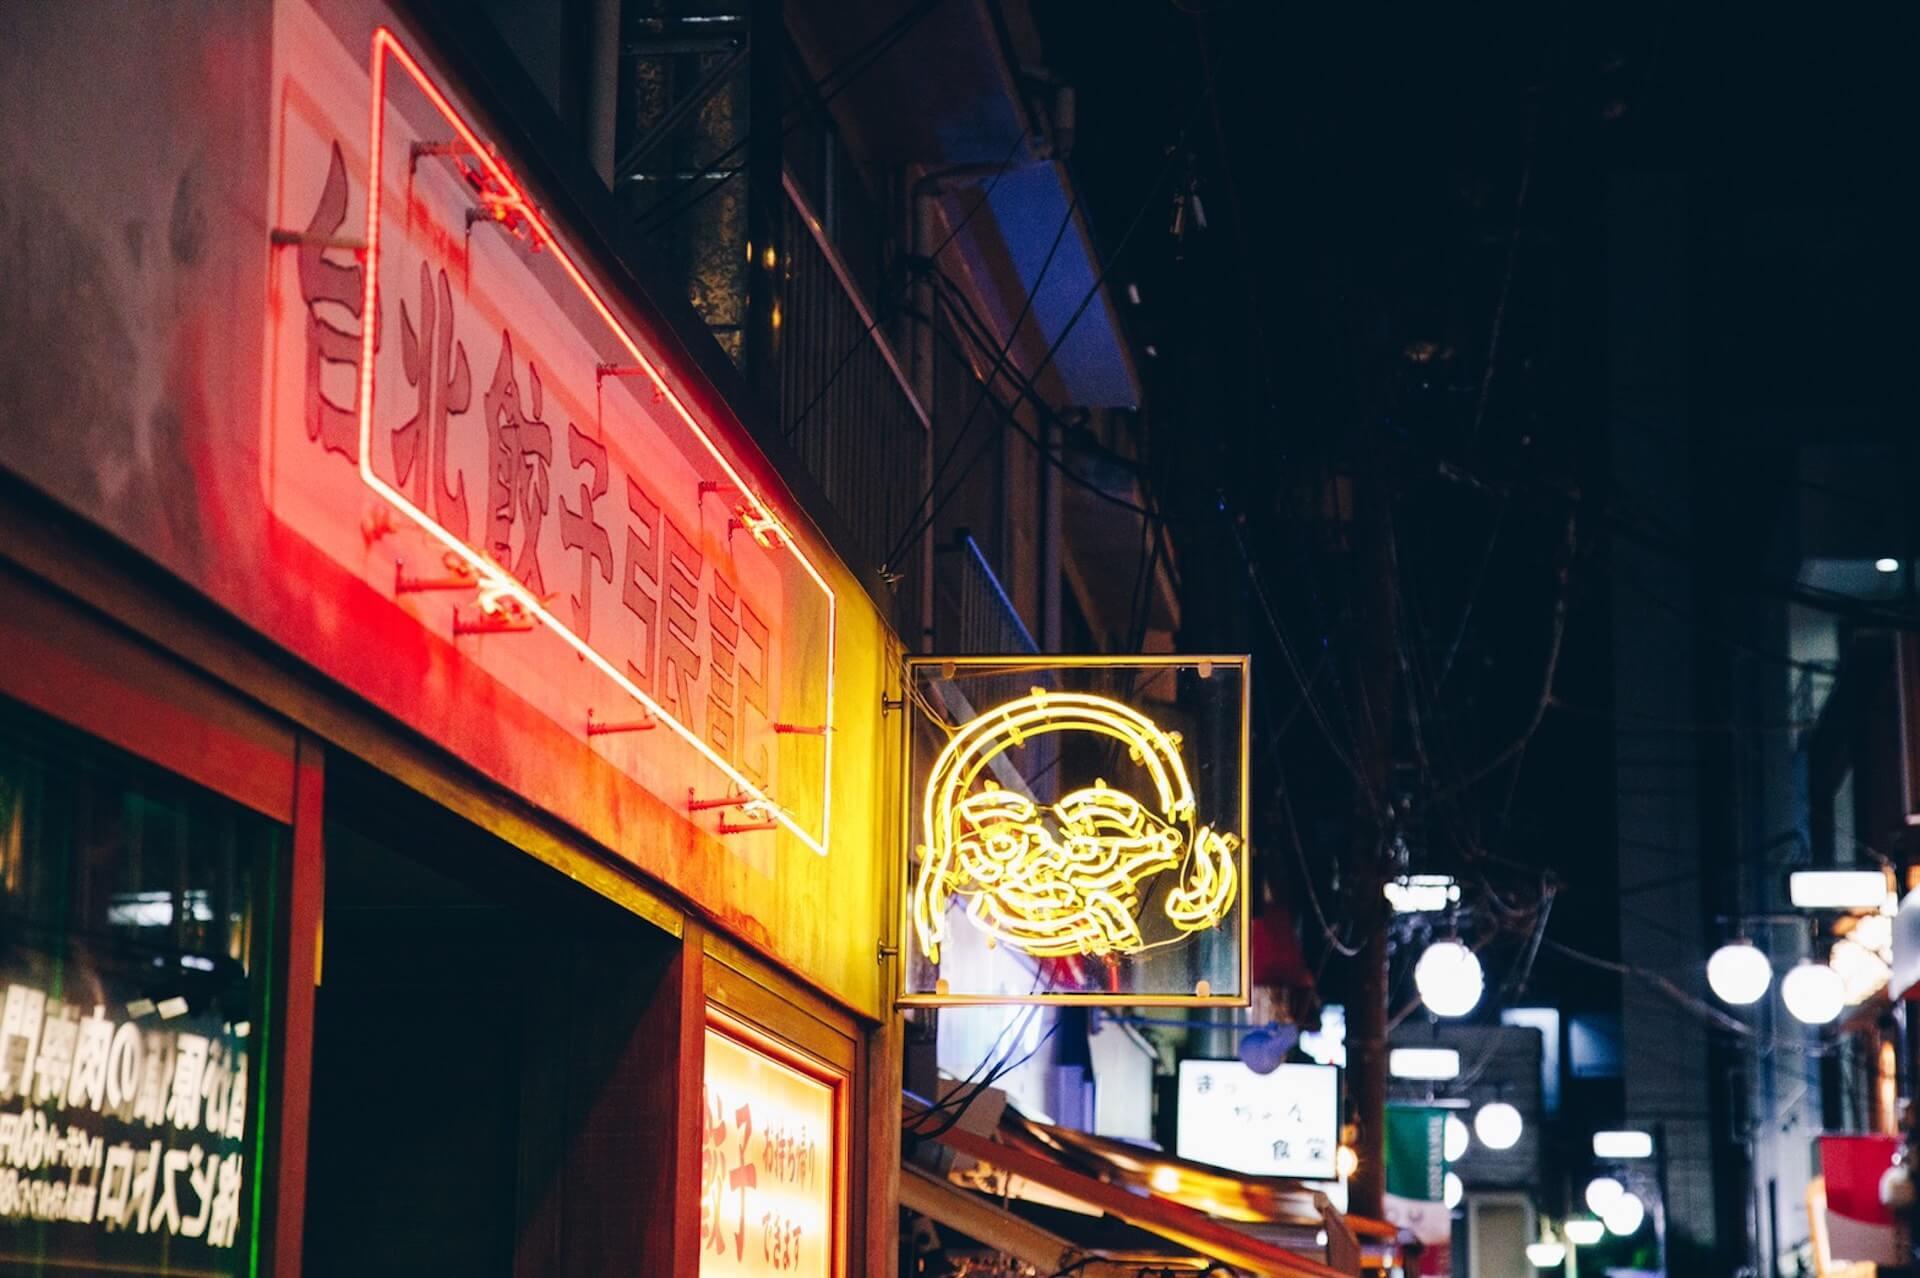 台北餃⼦専門店「張記」⻄荻窪店と経堂店にて新感覚やきそば「皿台北ランチ」が販売開始! gourmet210421_taipeigyozachoki-210421_3